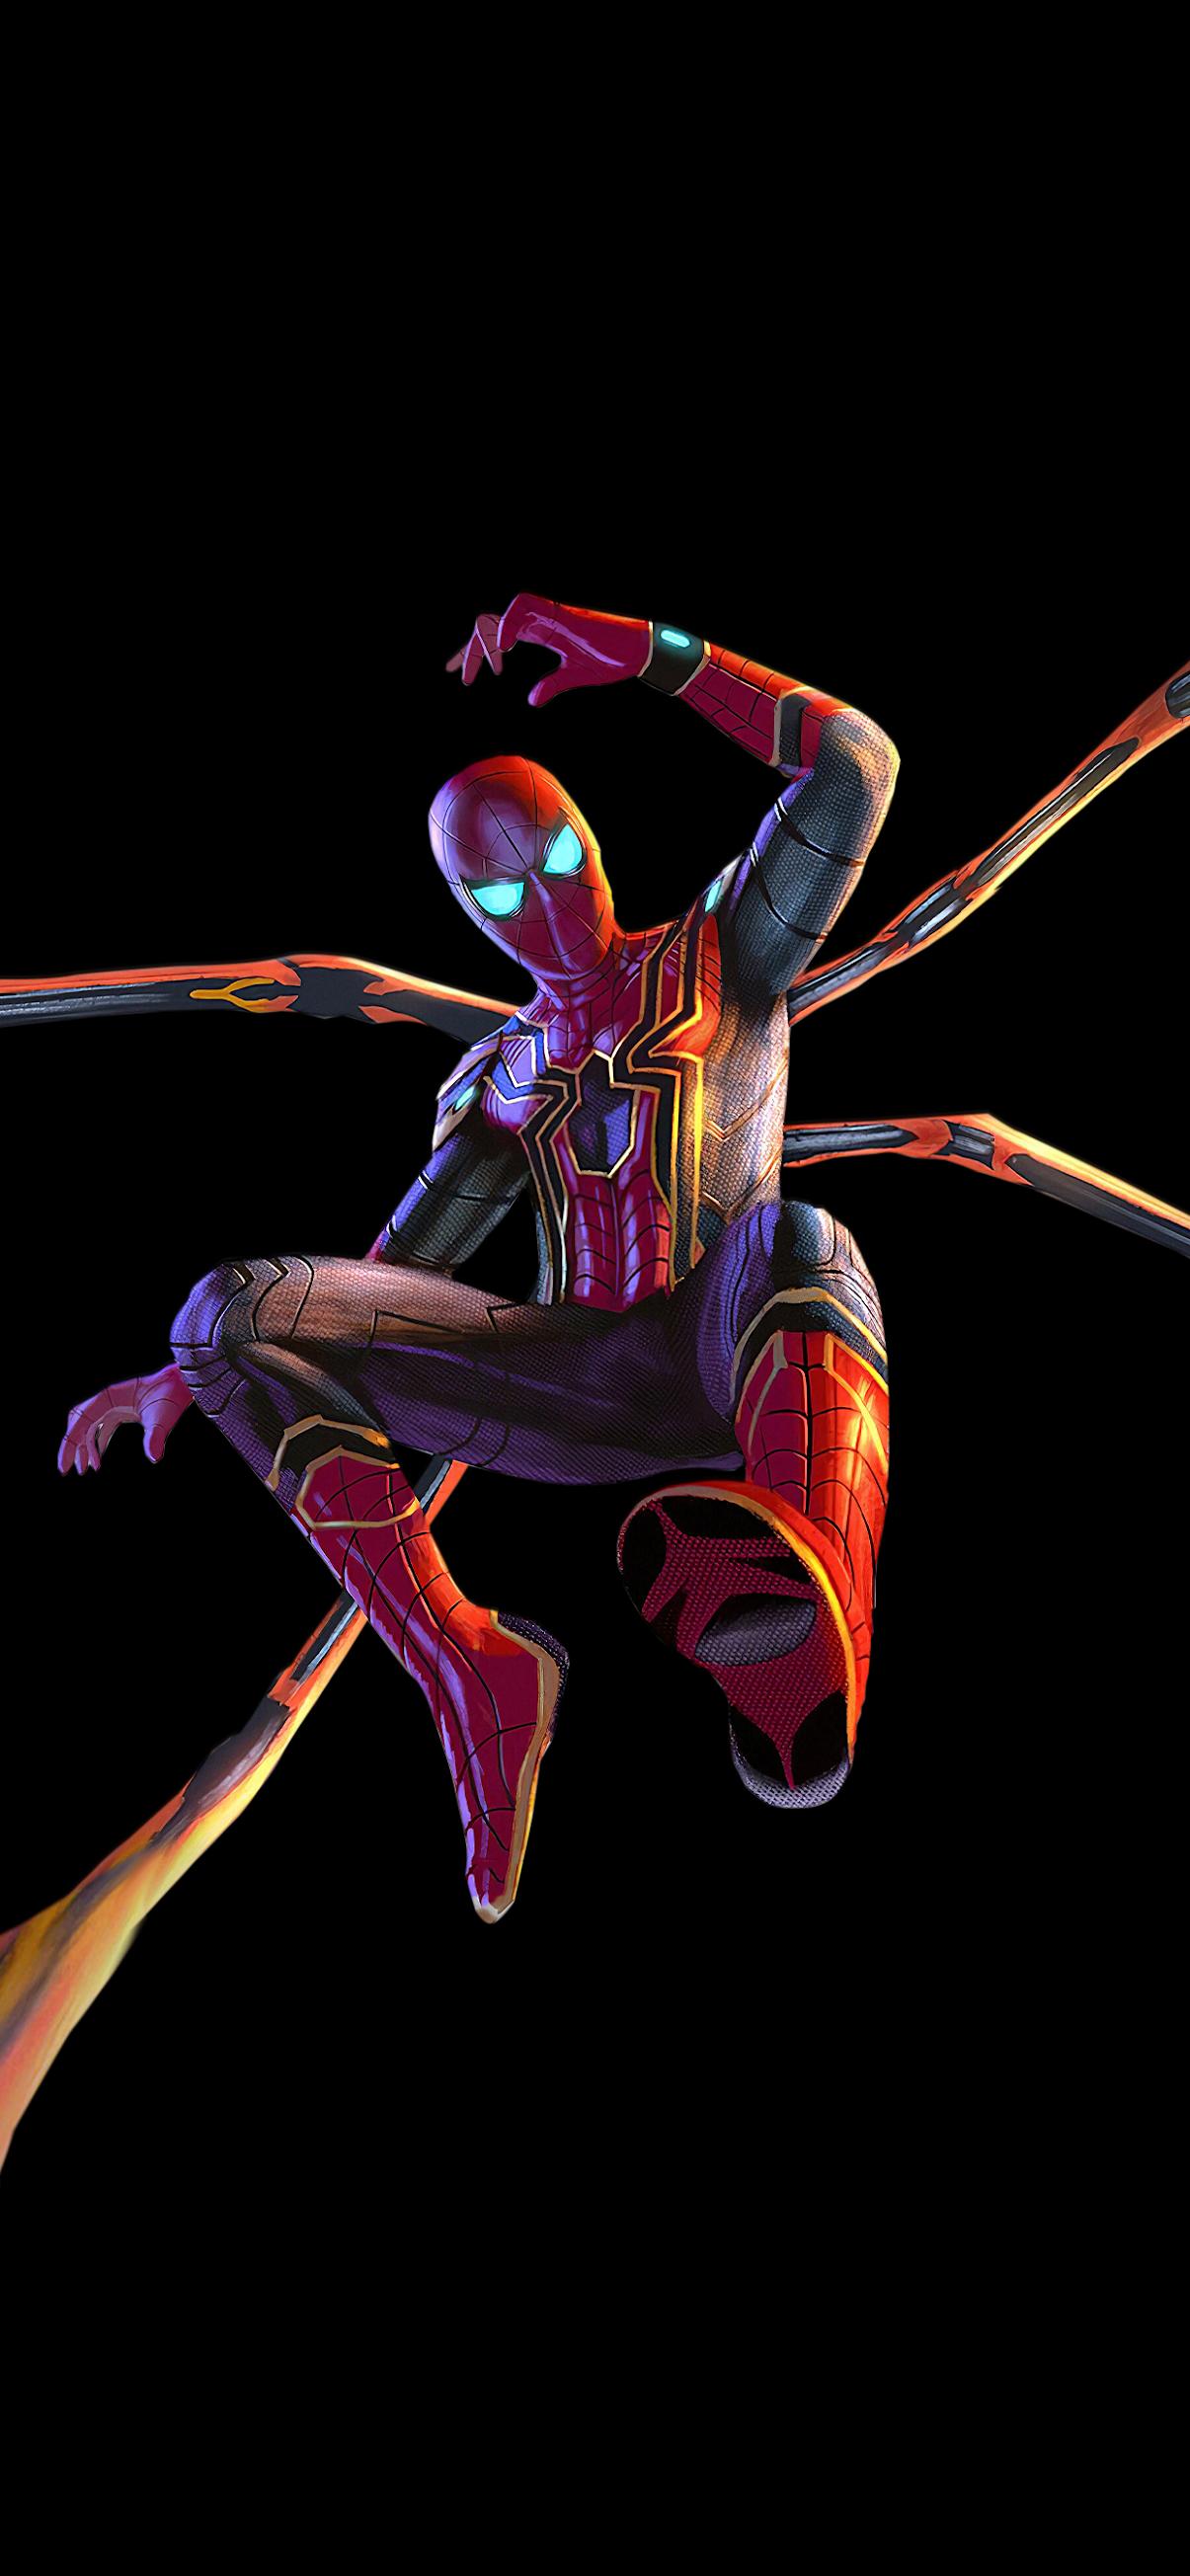 Spider-Man Iron Spider HD